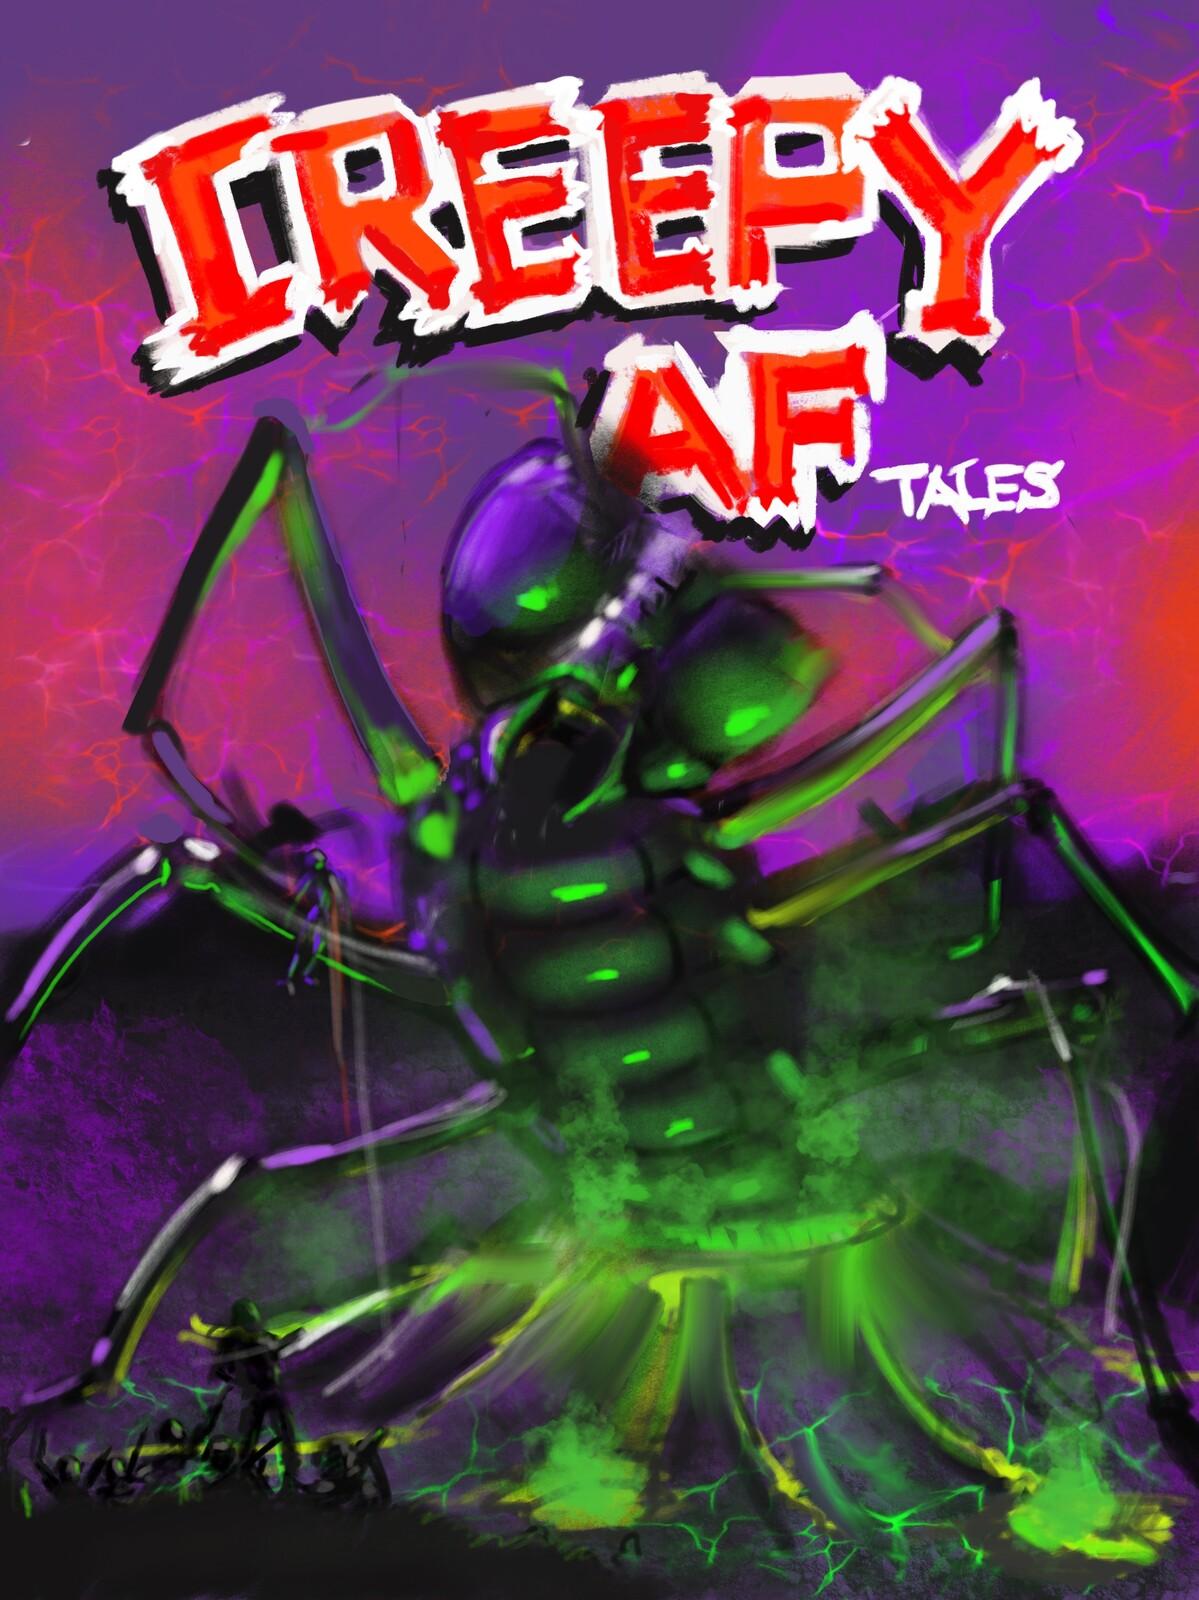 Creepy A.F Tales cover art